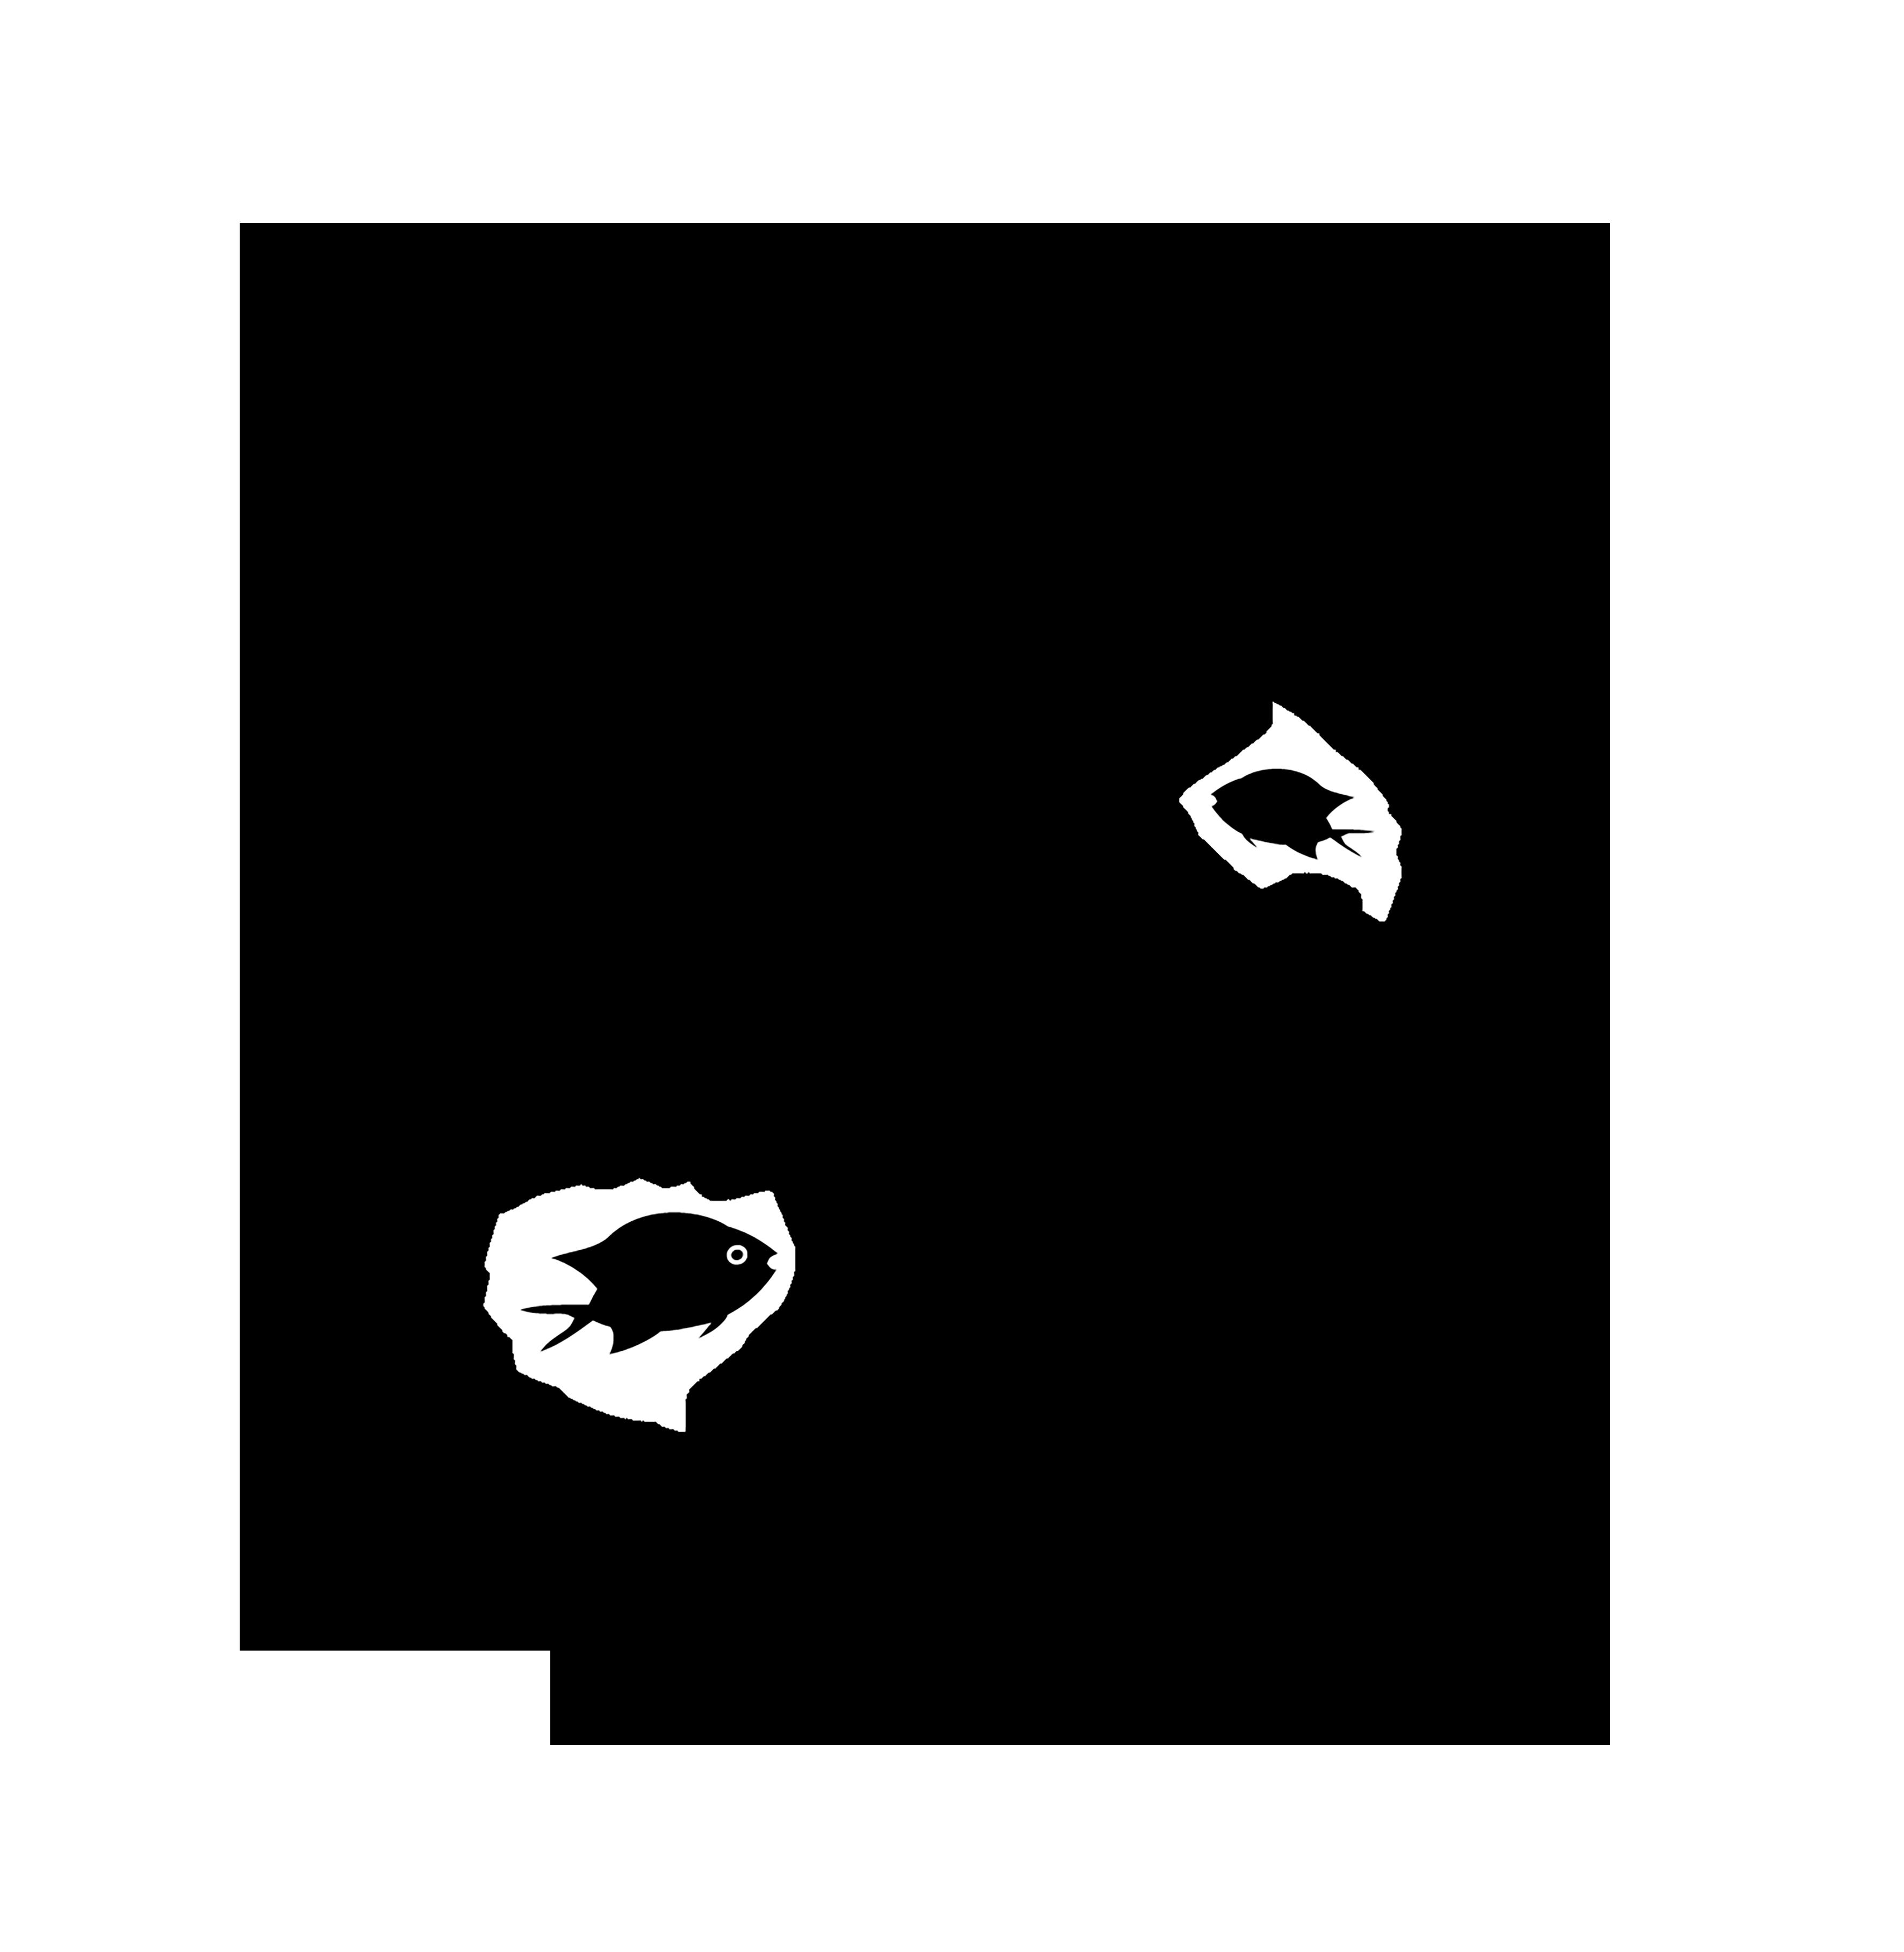 Icone CapSol Eco Lait Testé en cond vie marine